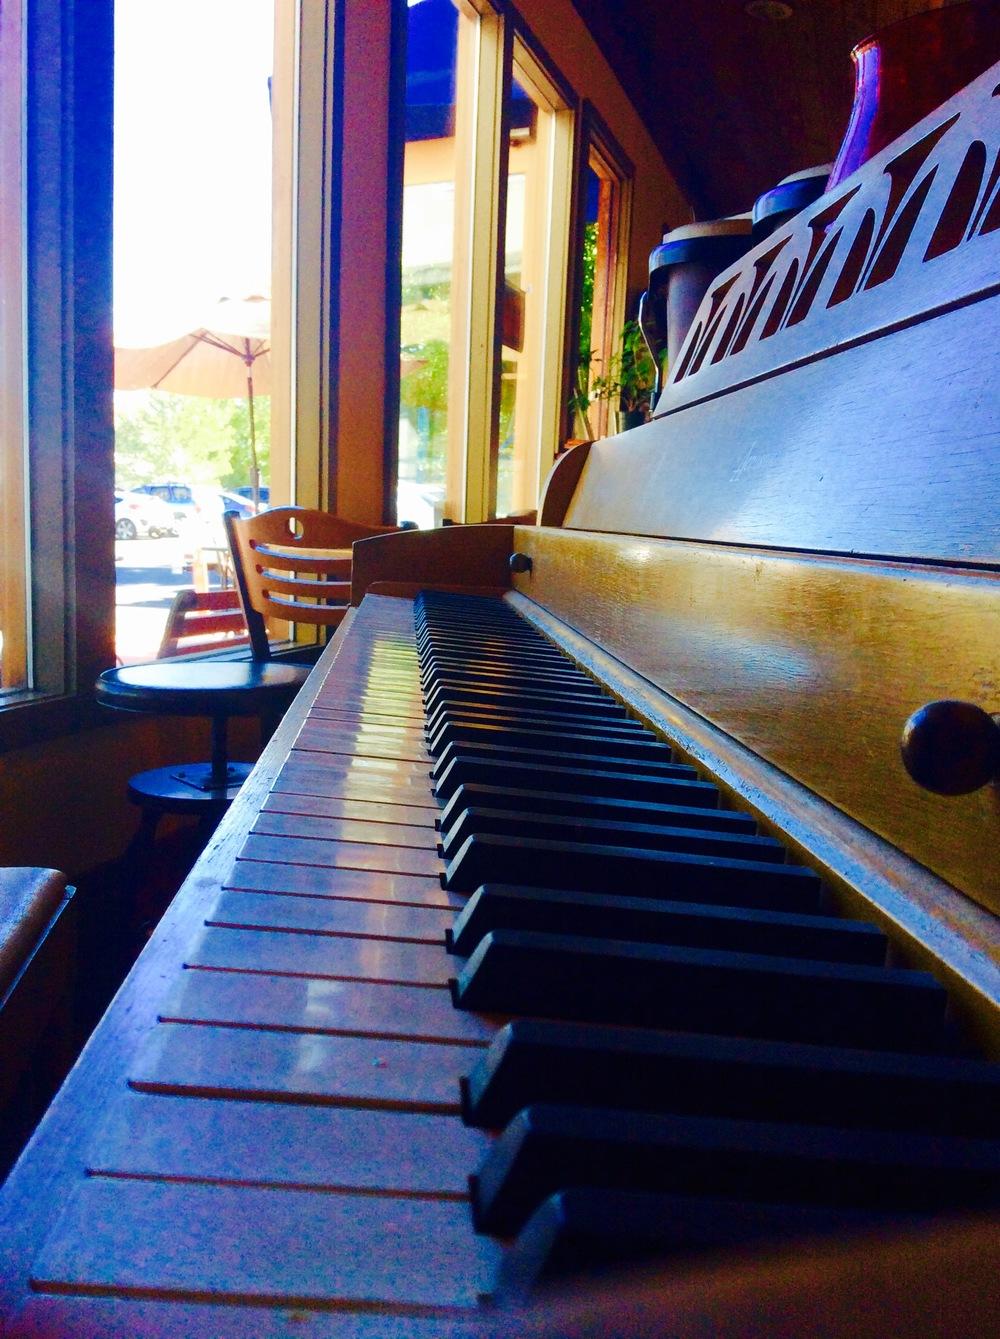 pianobakery.JPG